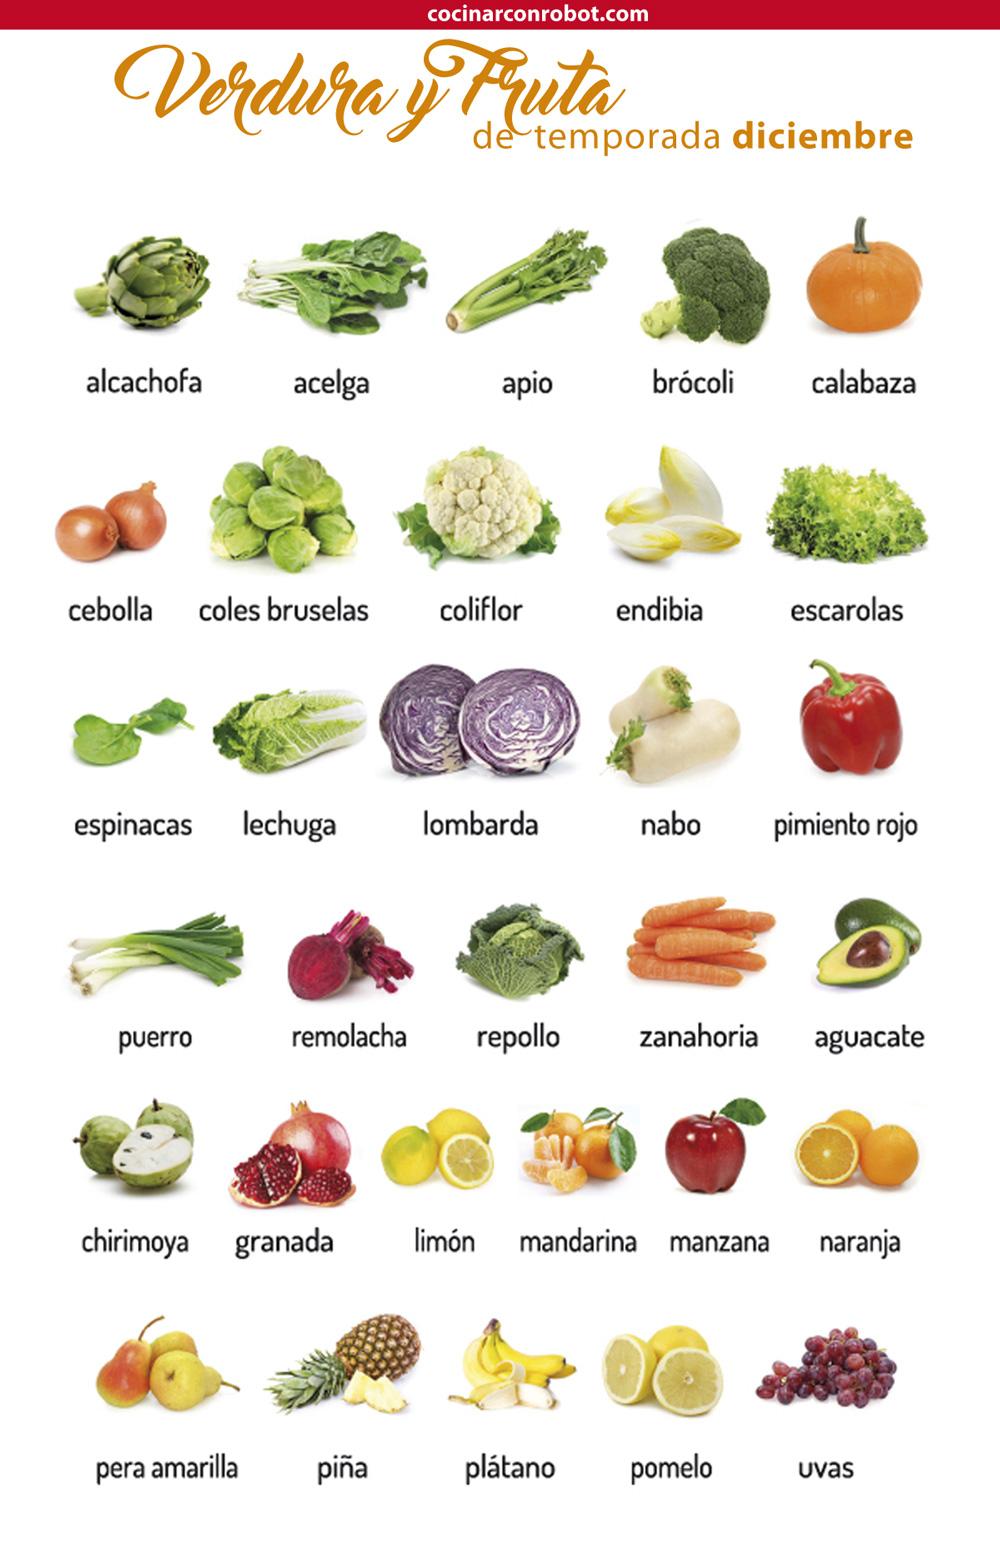 consume fruta y verdura de la temporada en diciembre